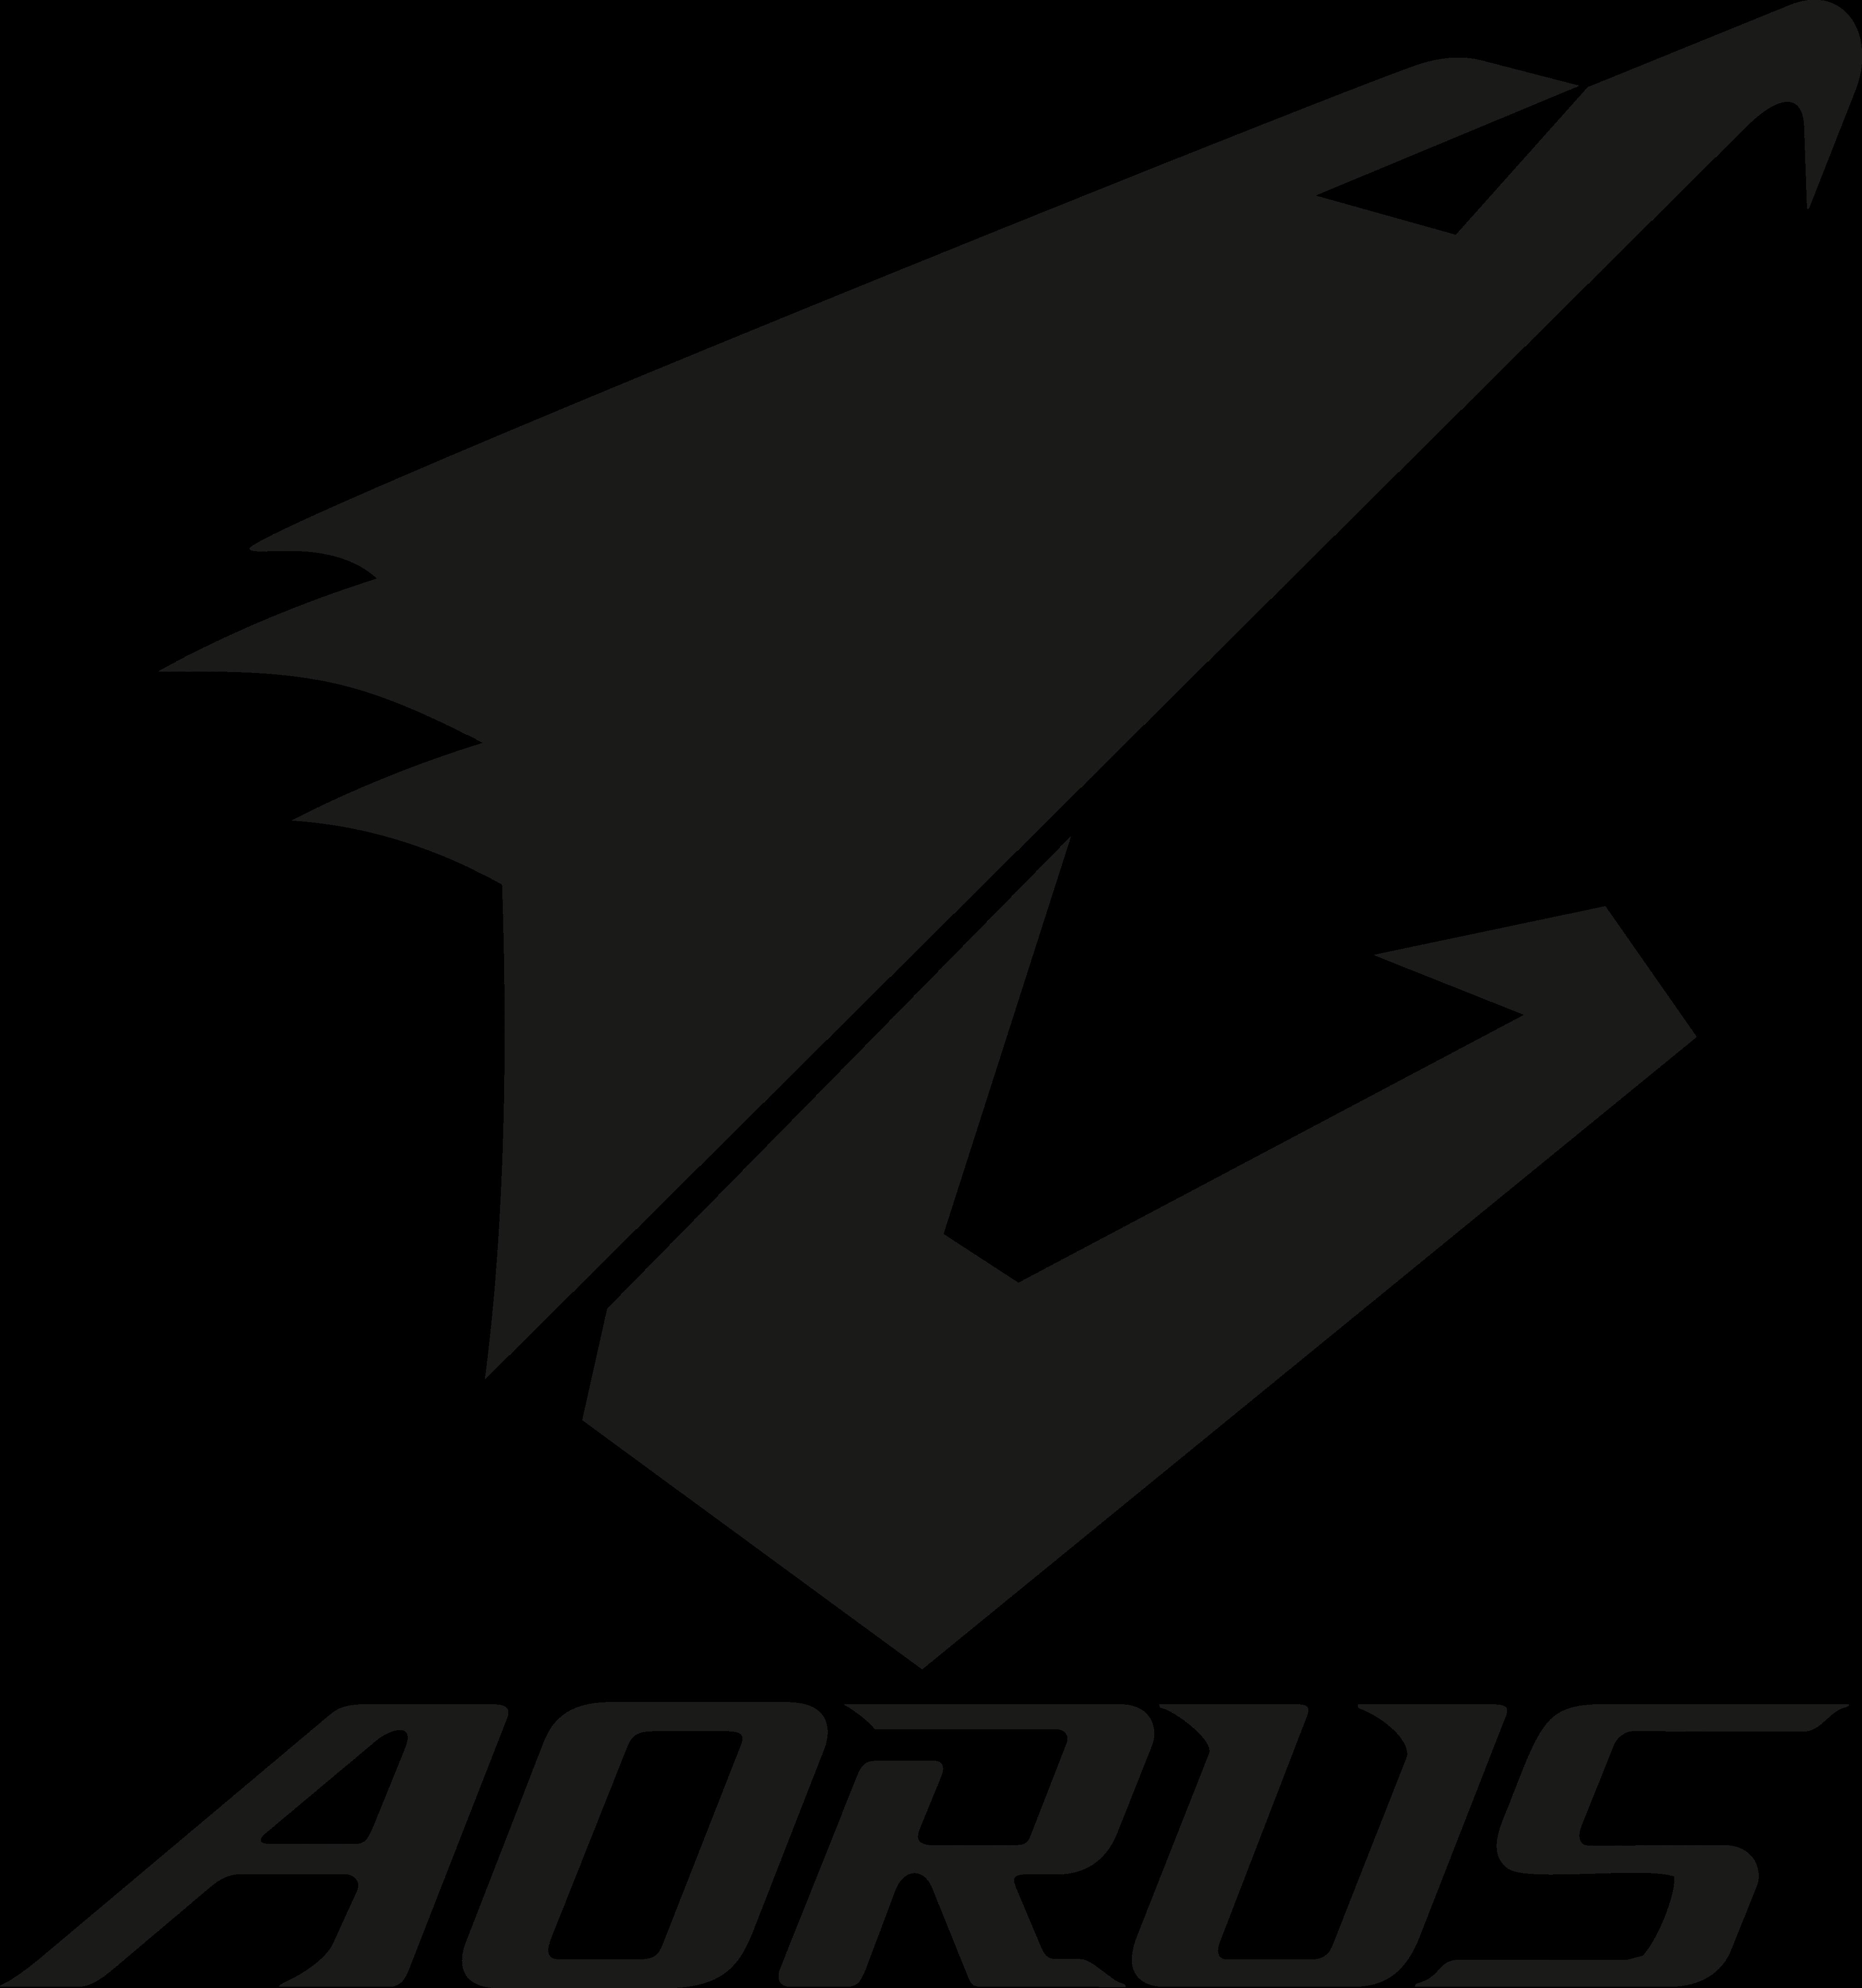 aorus logo 1 - AORUS Logo